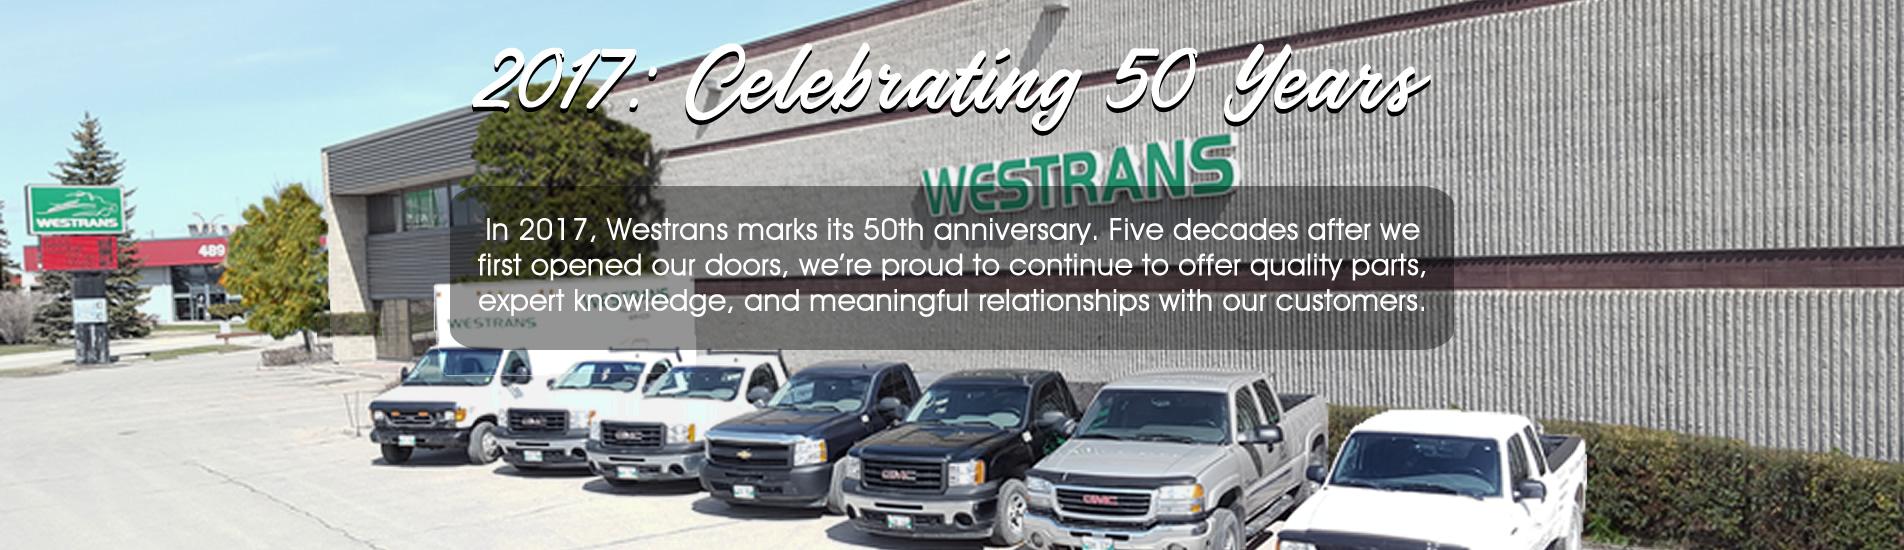 westrans-50-years-2017